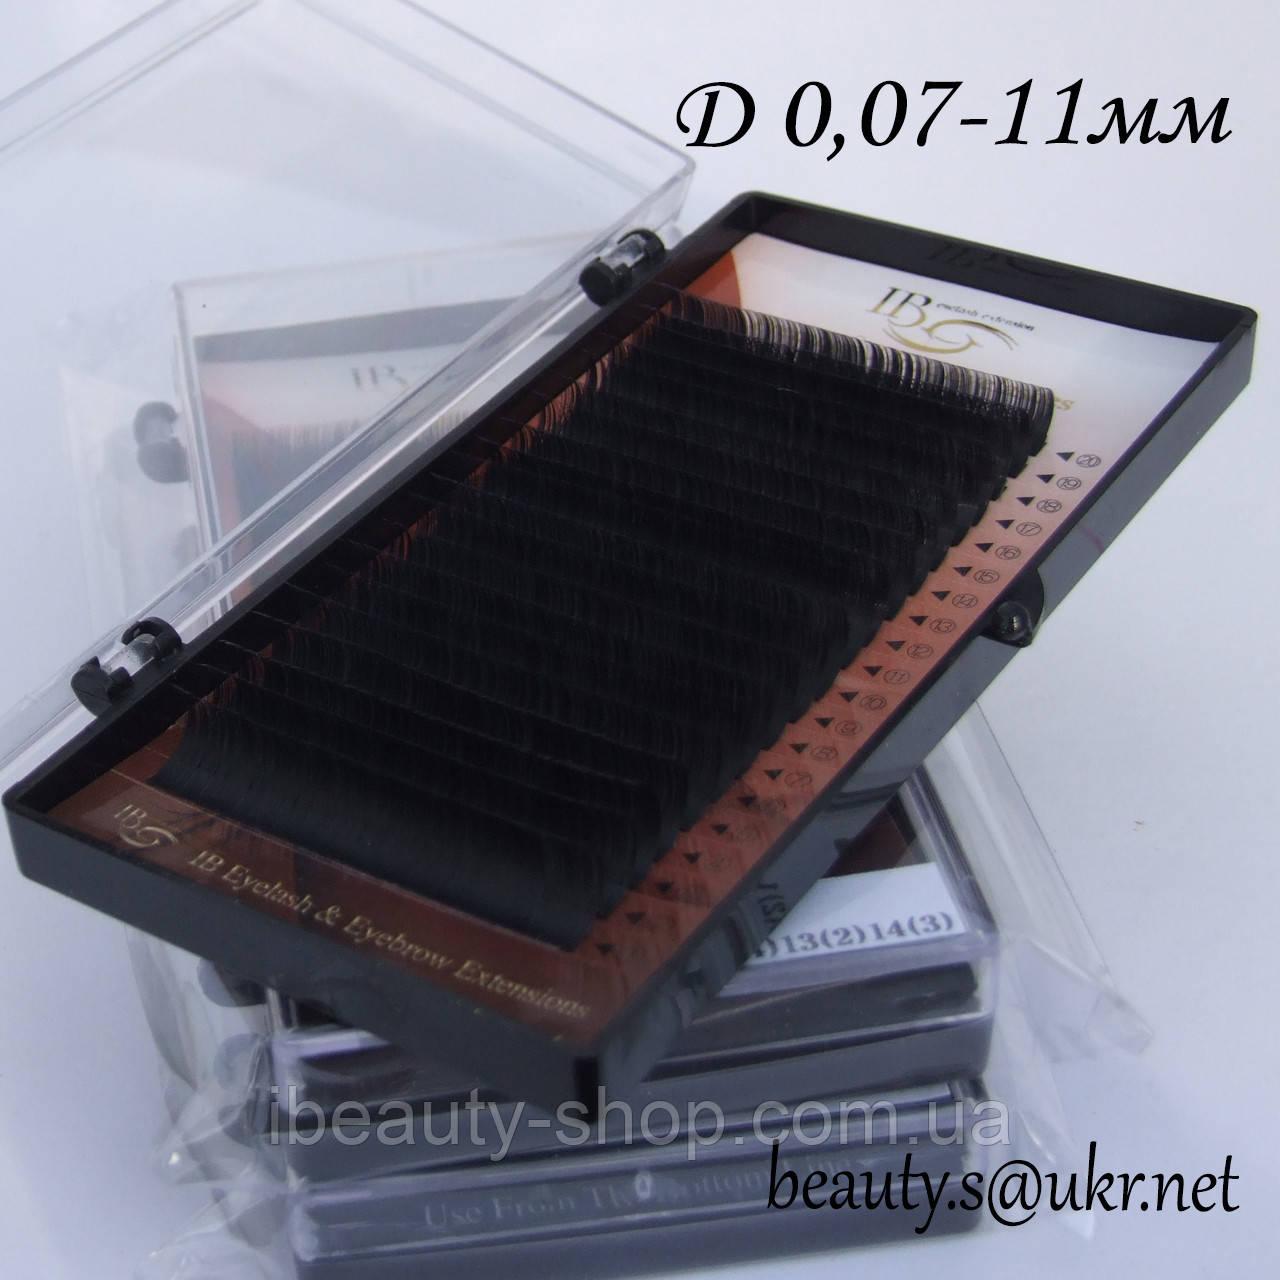 Вії I-Beauty на стрічці D-0,07 11мм